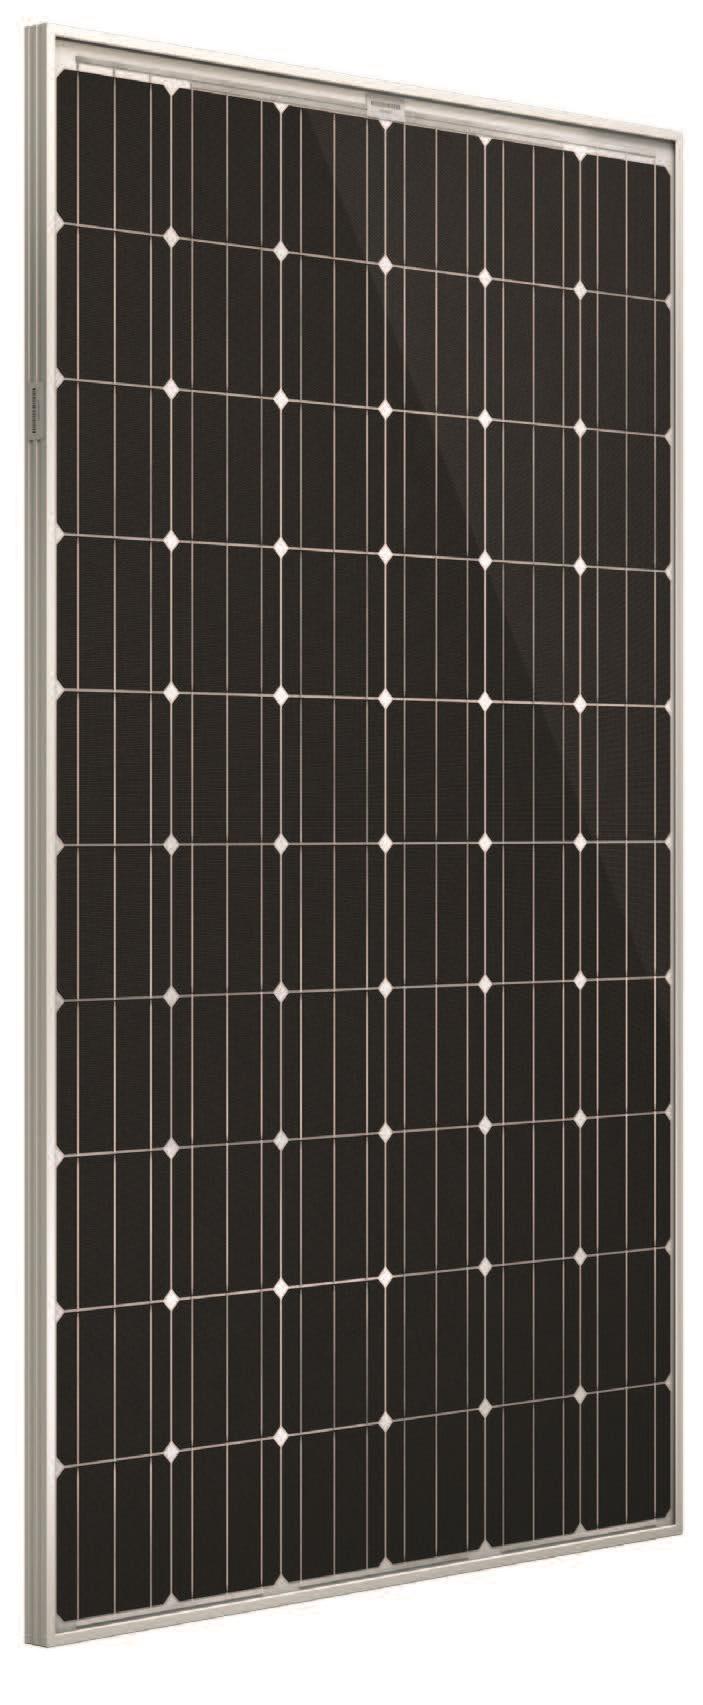 Aleo Solar module aleo P19 285 - 290 - 295 W Mono / Efficiency 18.0